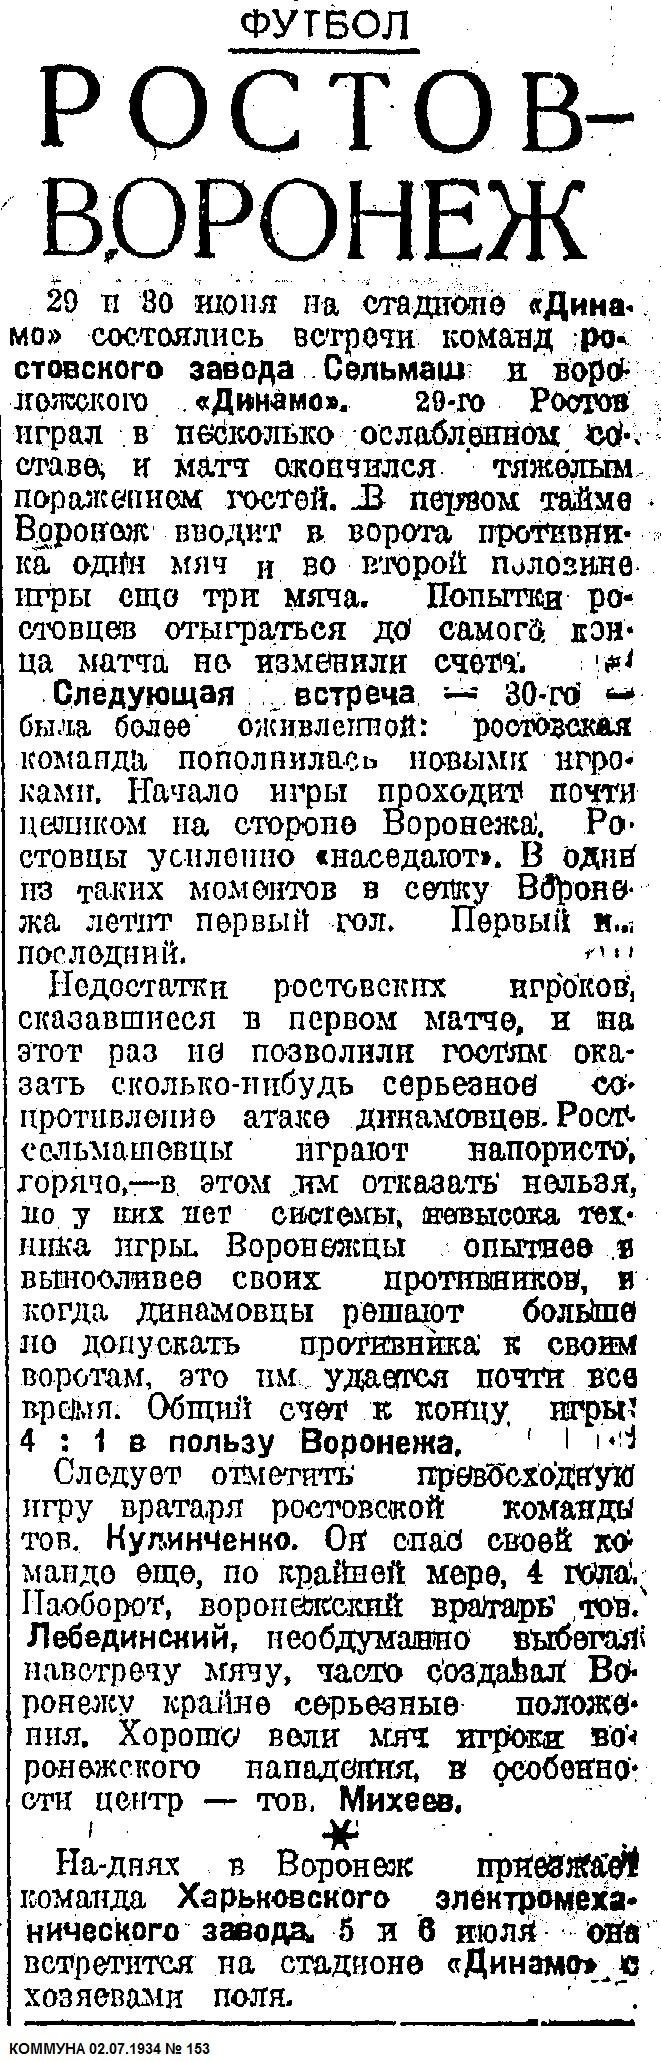 Динамо (Воронеж) - Ростсельмаш (Ростов-на-Дону) 4:1